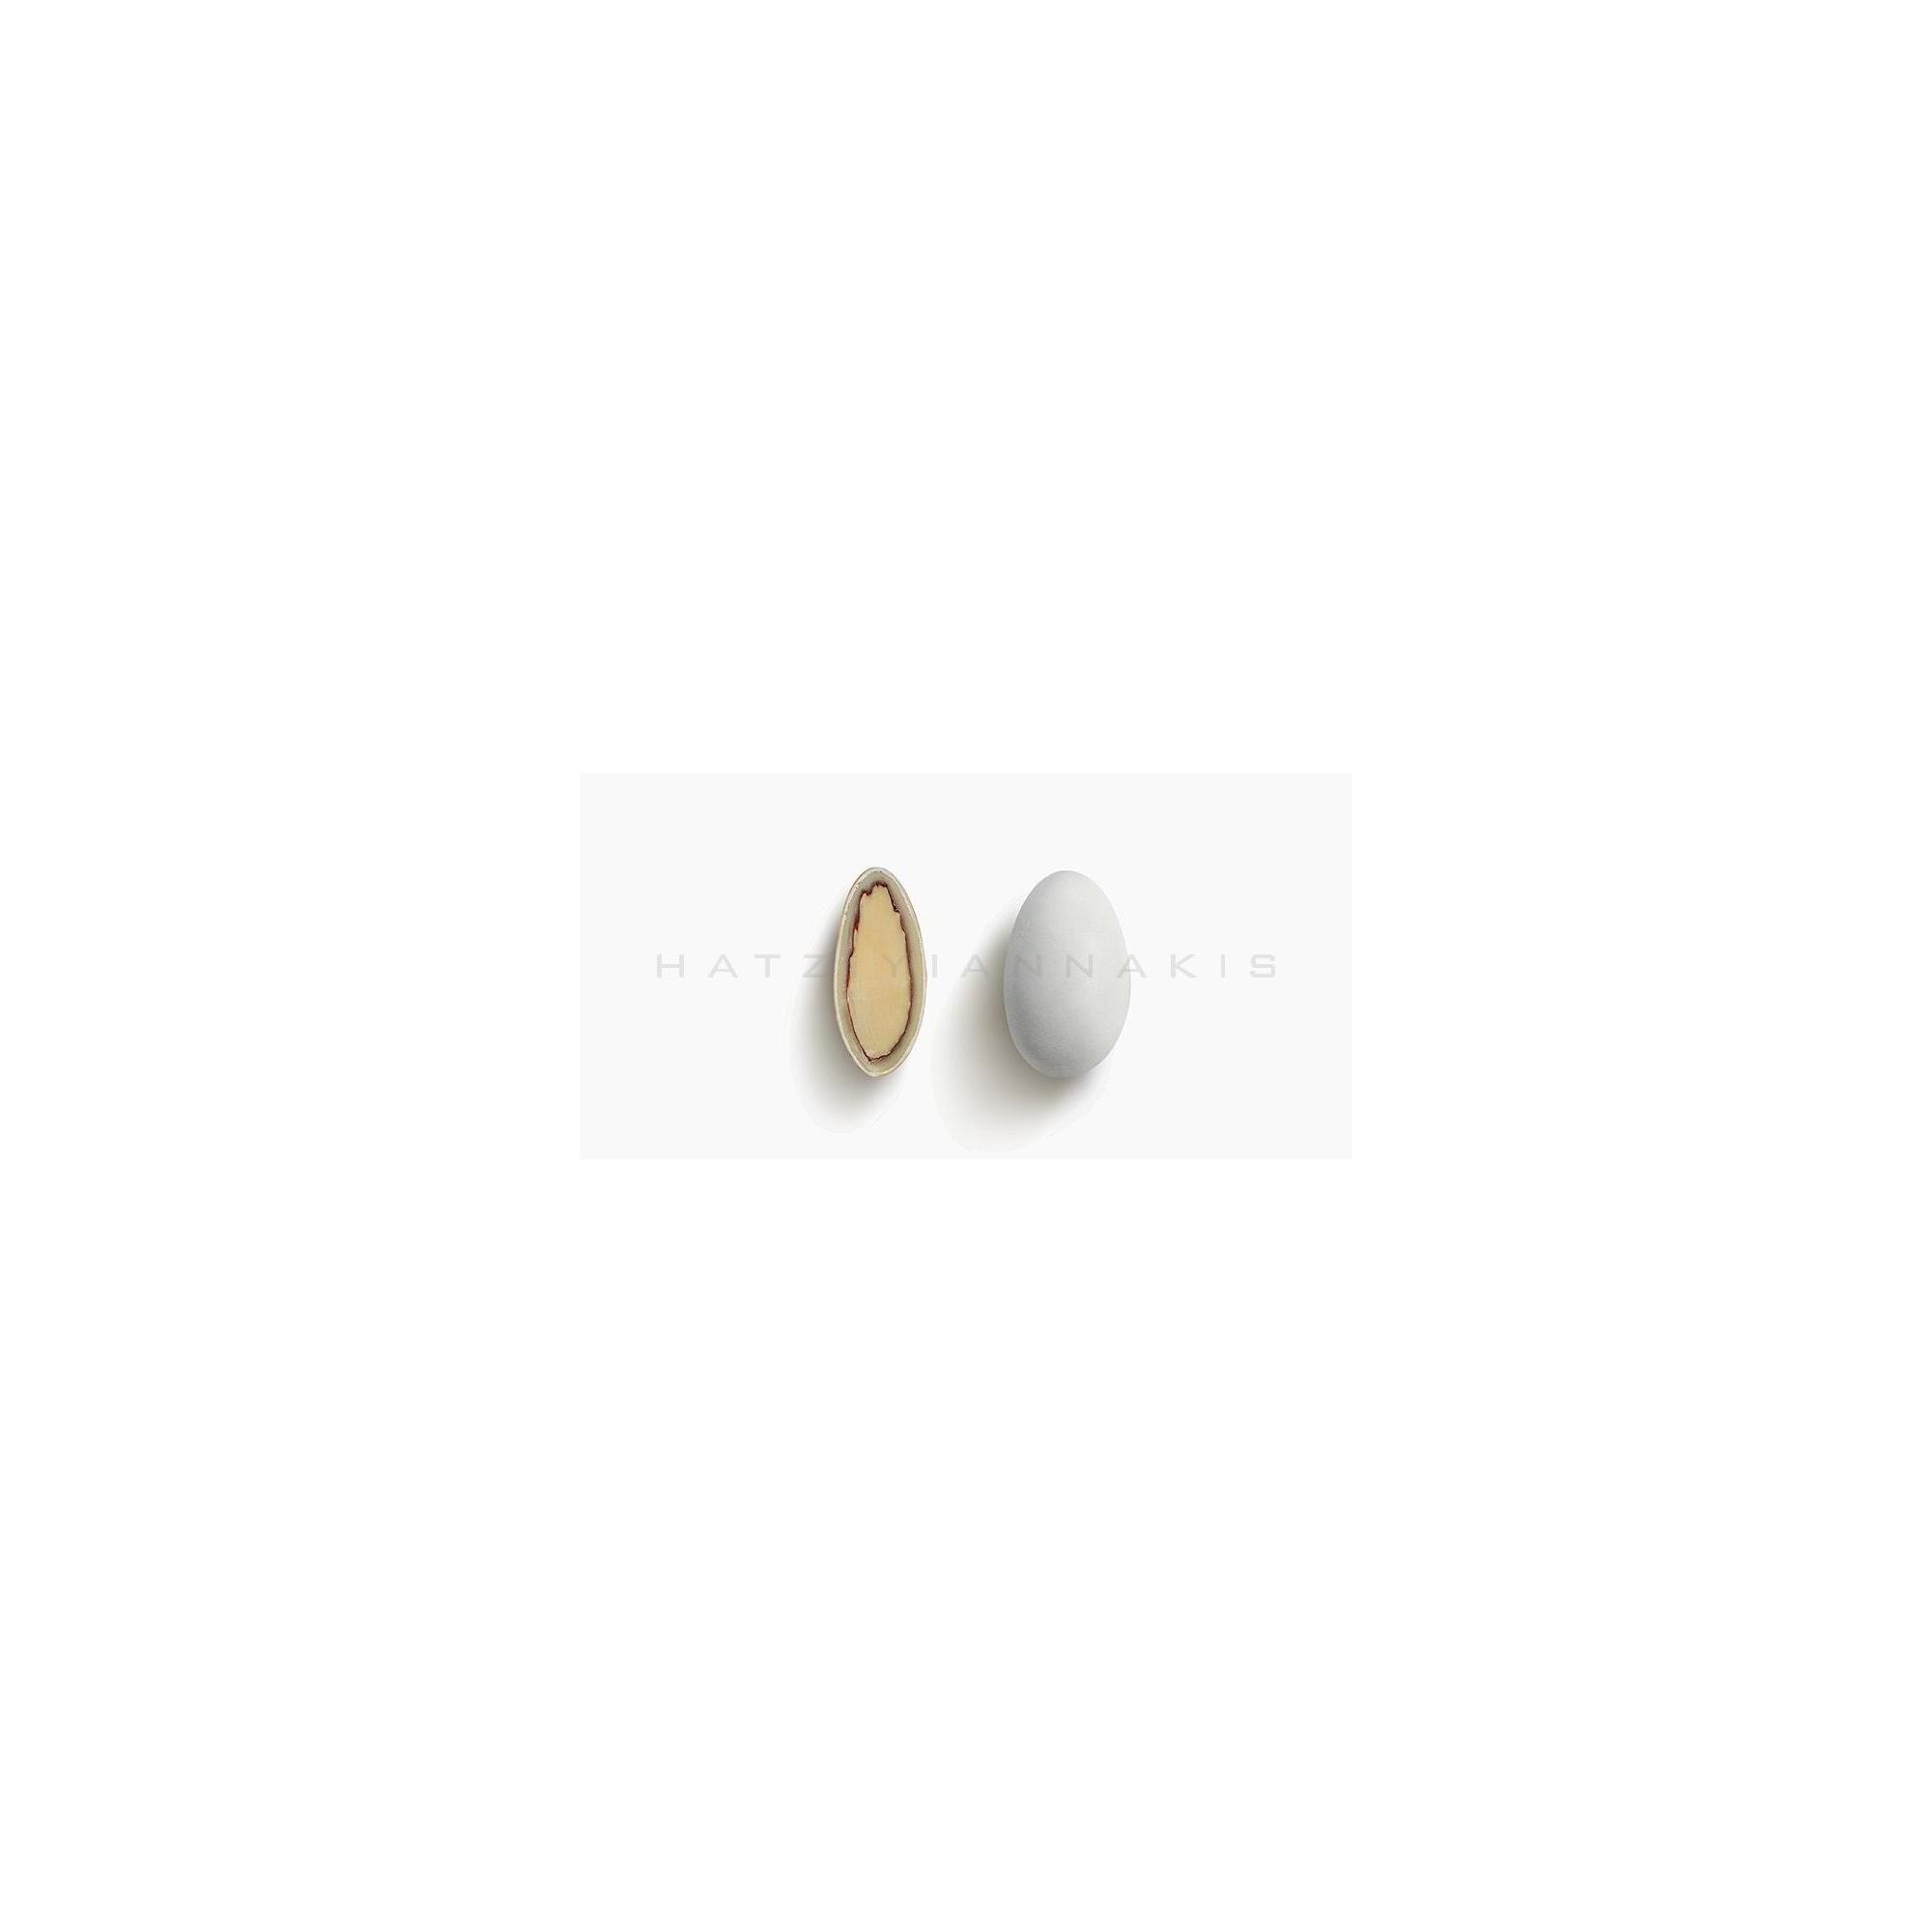 Κουφέτα Choco Almond Καραμέλα (4kg) - LWG-X1714-4